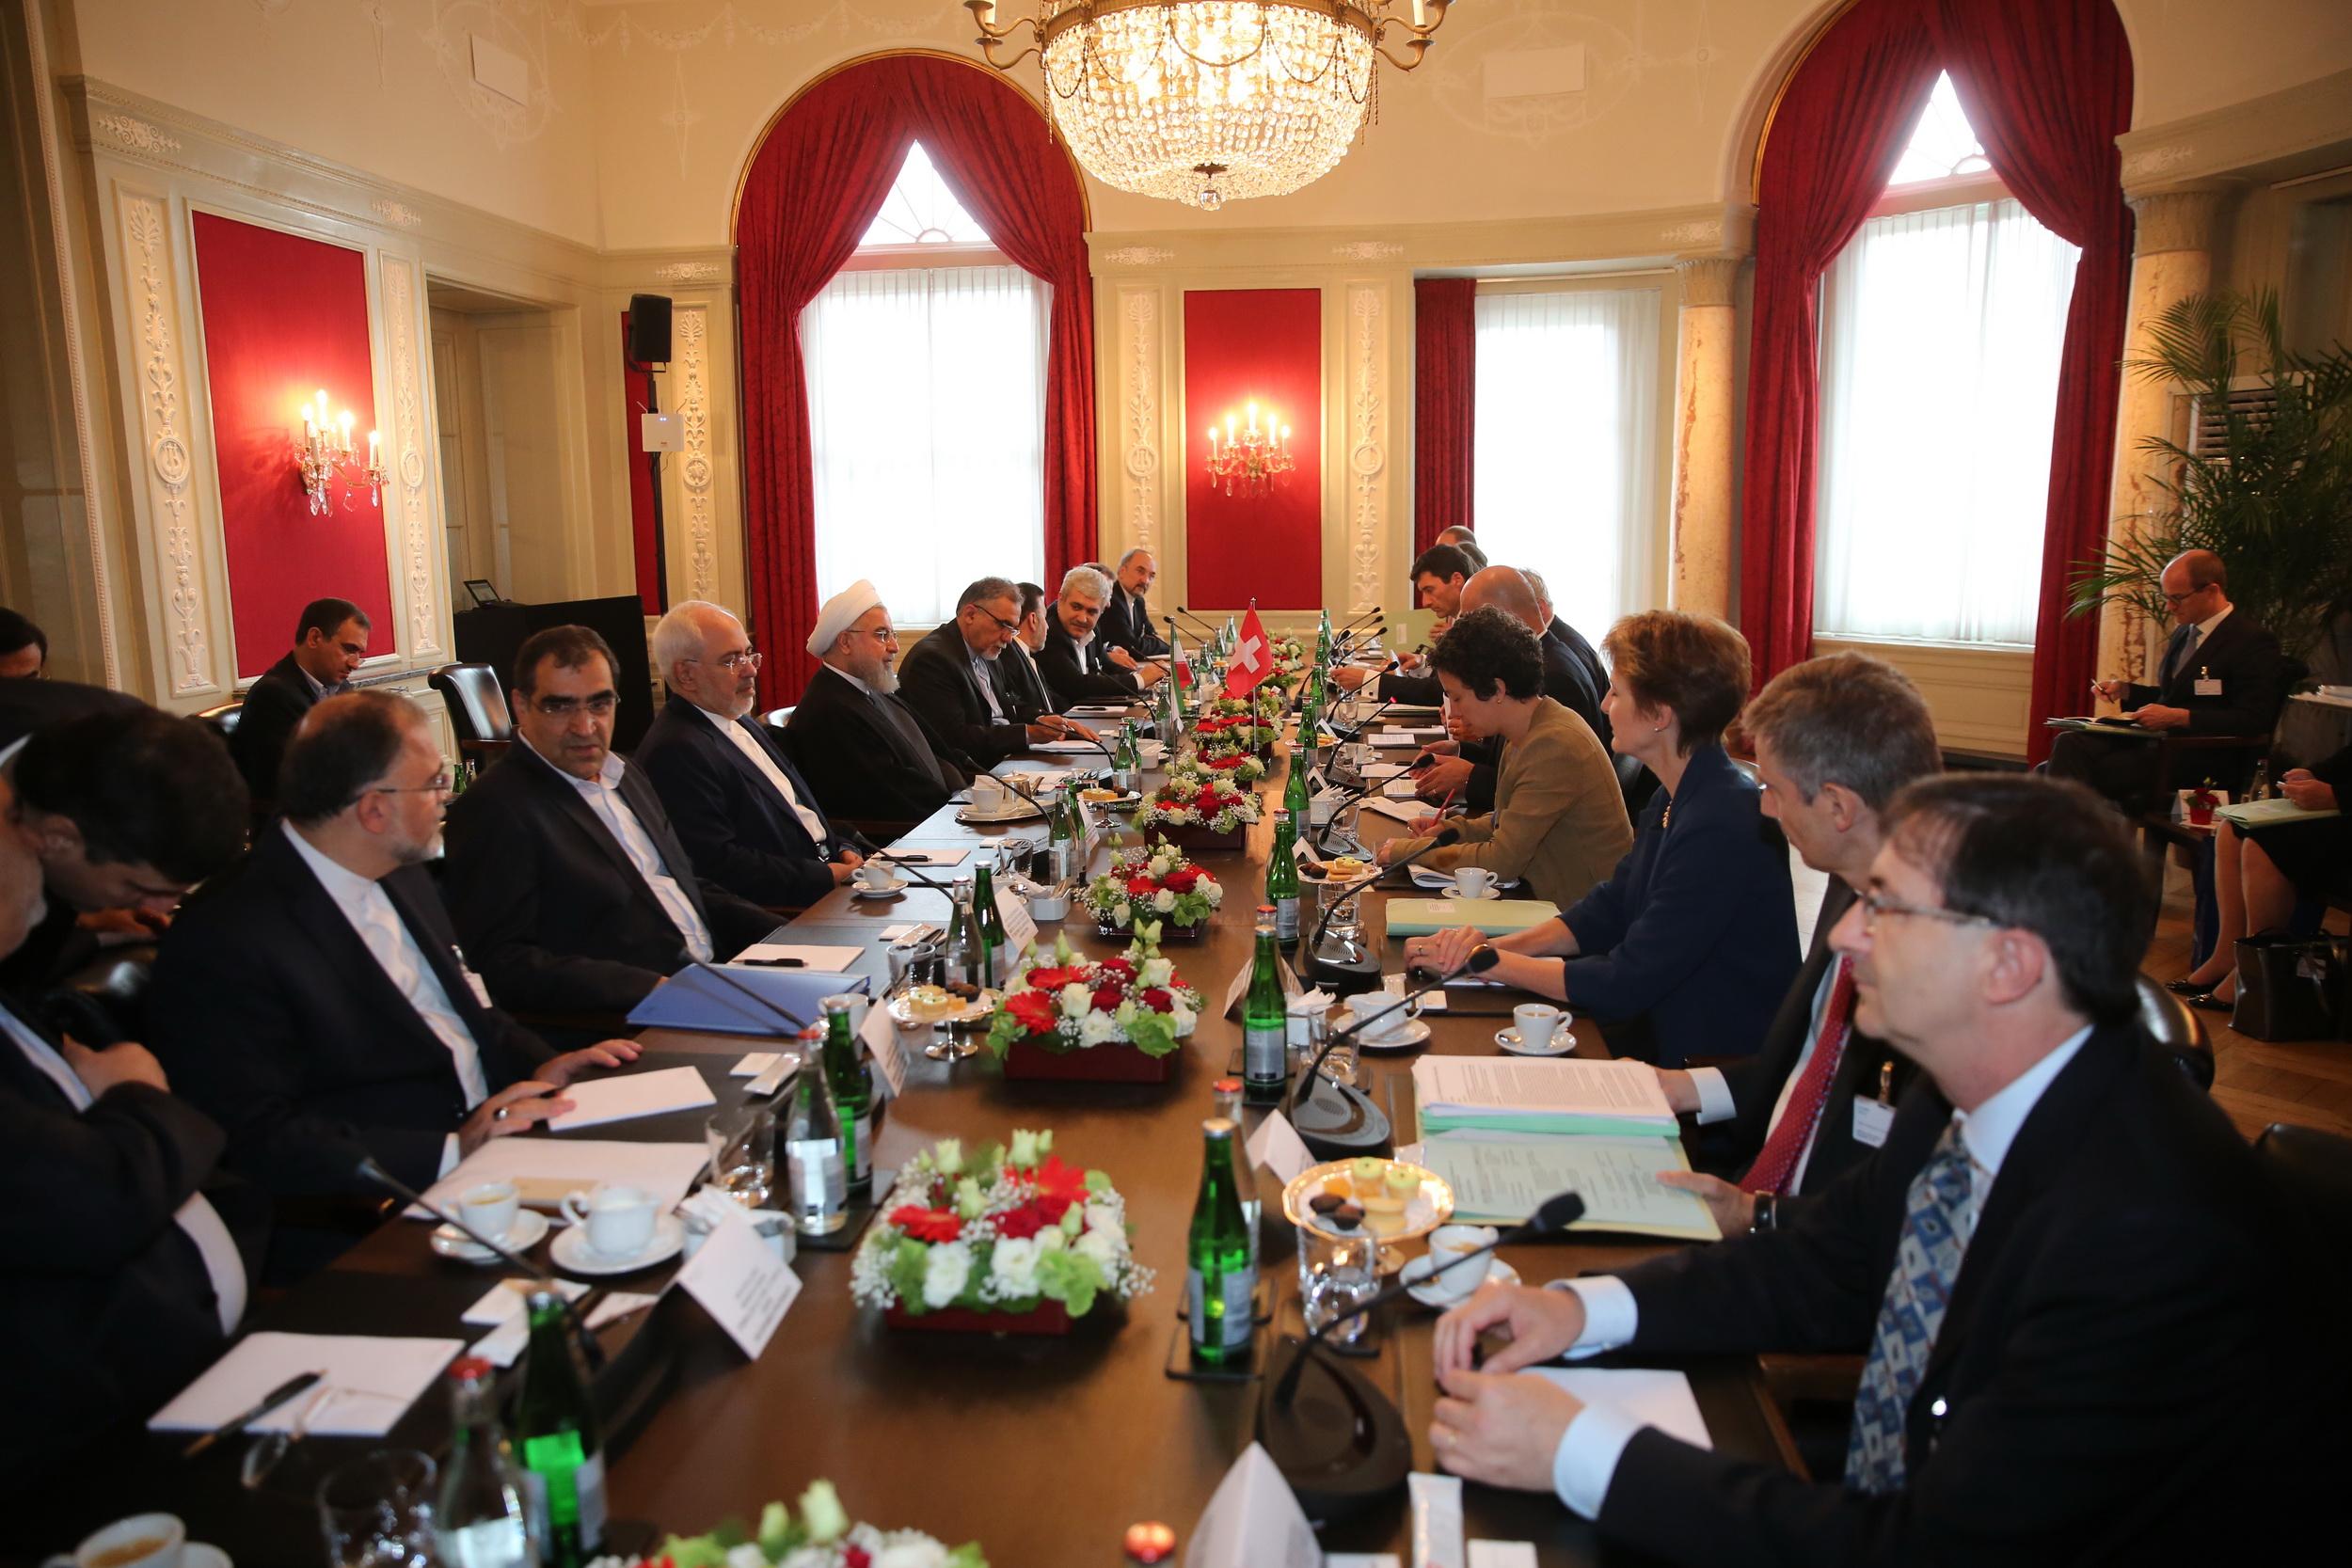 اراده ایران توسعه روابط دوستانه با سوئیس است/ جهان باید در برابر یکجانبه گرایی بایستد